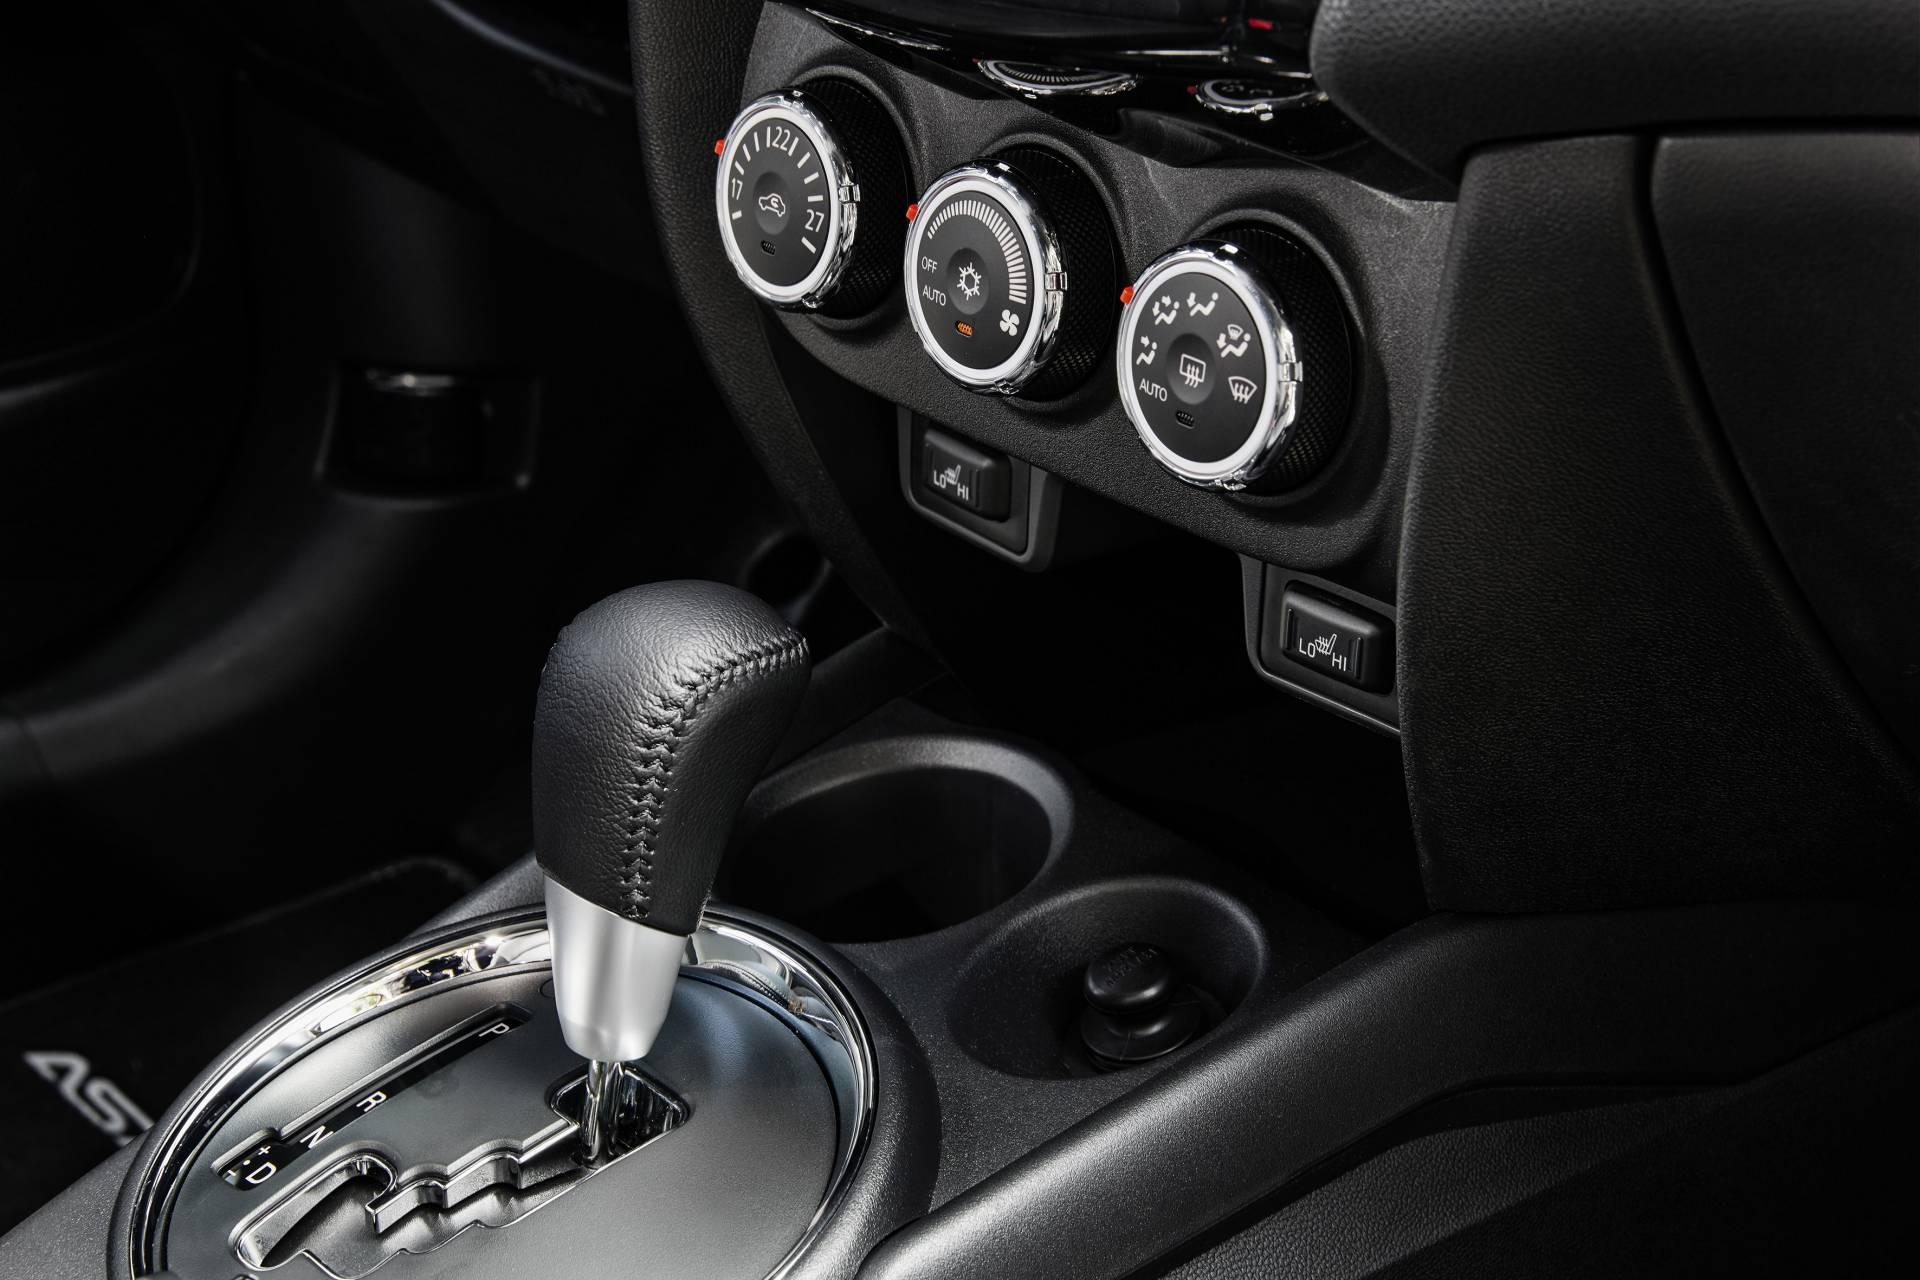 Únicamente el modelo diésel 220 DI-D (150 CV) puede montar un cambio automático de 6 relaciones. Incluye un programa Sport y puede utilizarse de manera manual-secuencial a través de la propia palanca o mediante levas en la columna de la dirección.